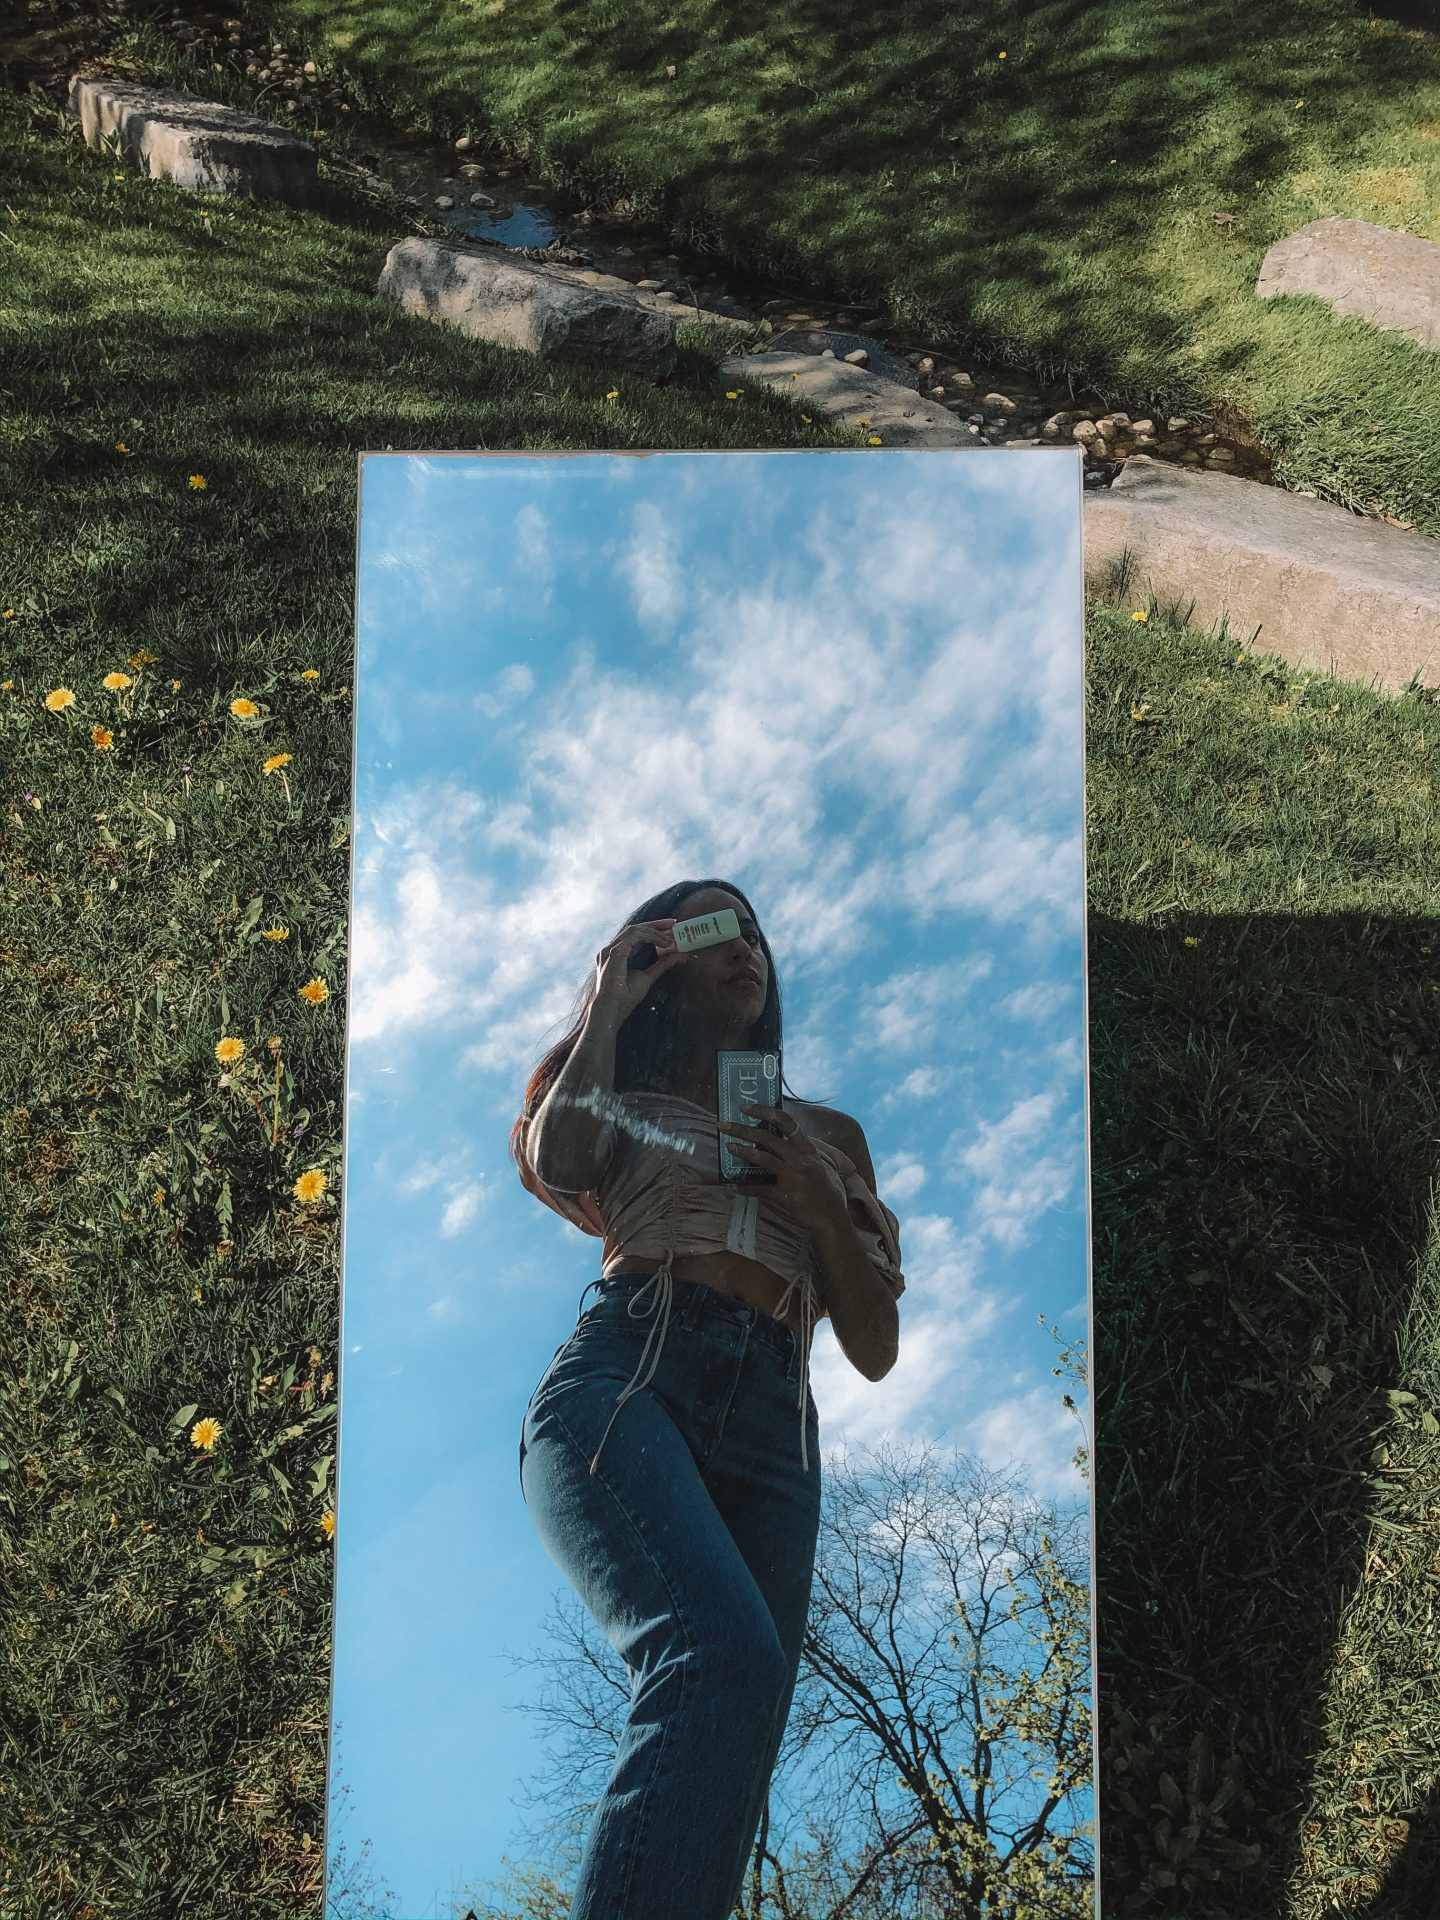 mirror selfie in a garden